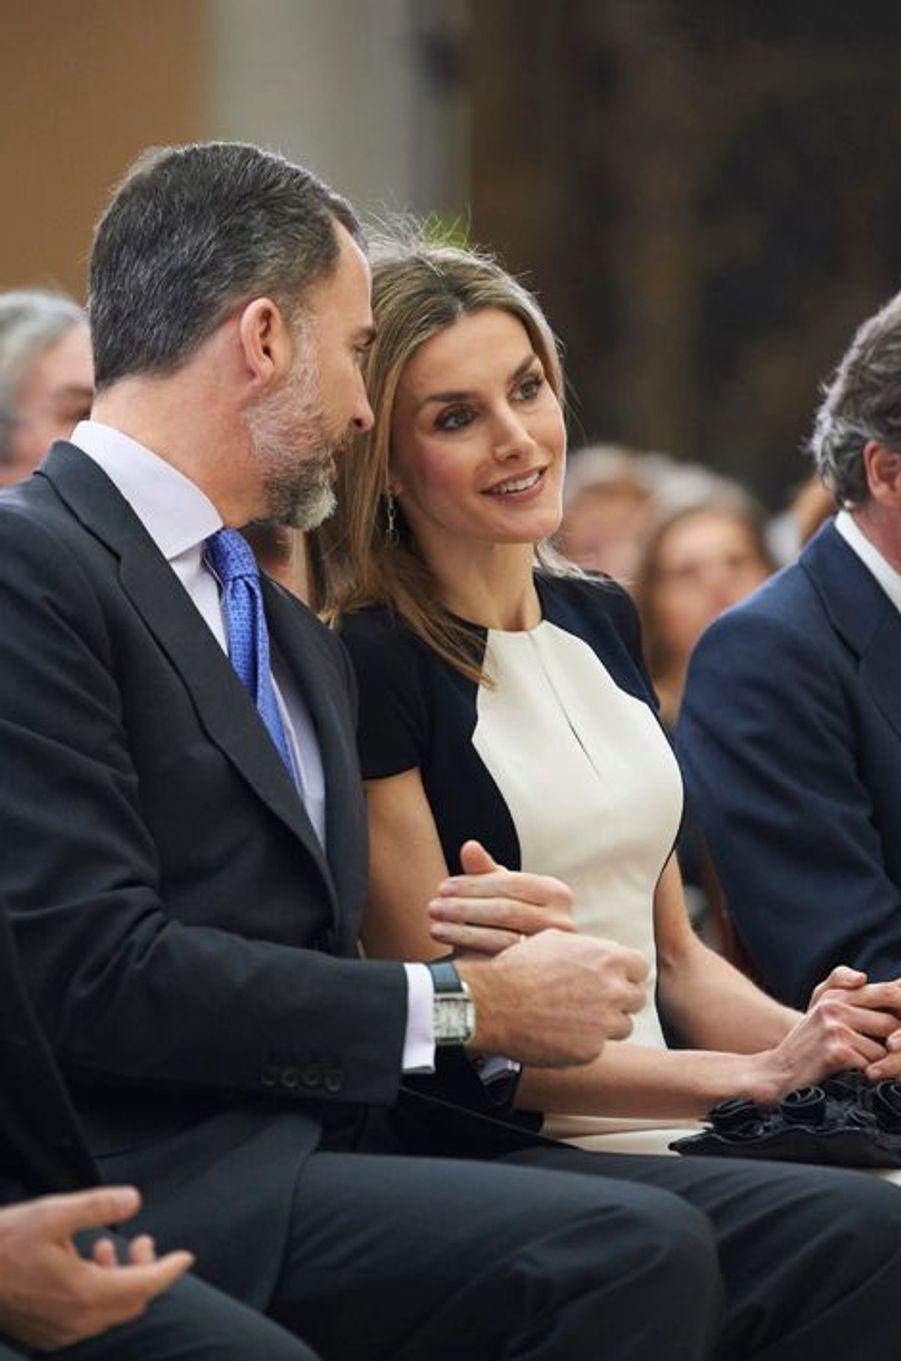 Le roi Felipe VI et la reine Letizia lors de la remise des Prix de la culture 2013 à Madrid, le 16 février 2015